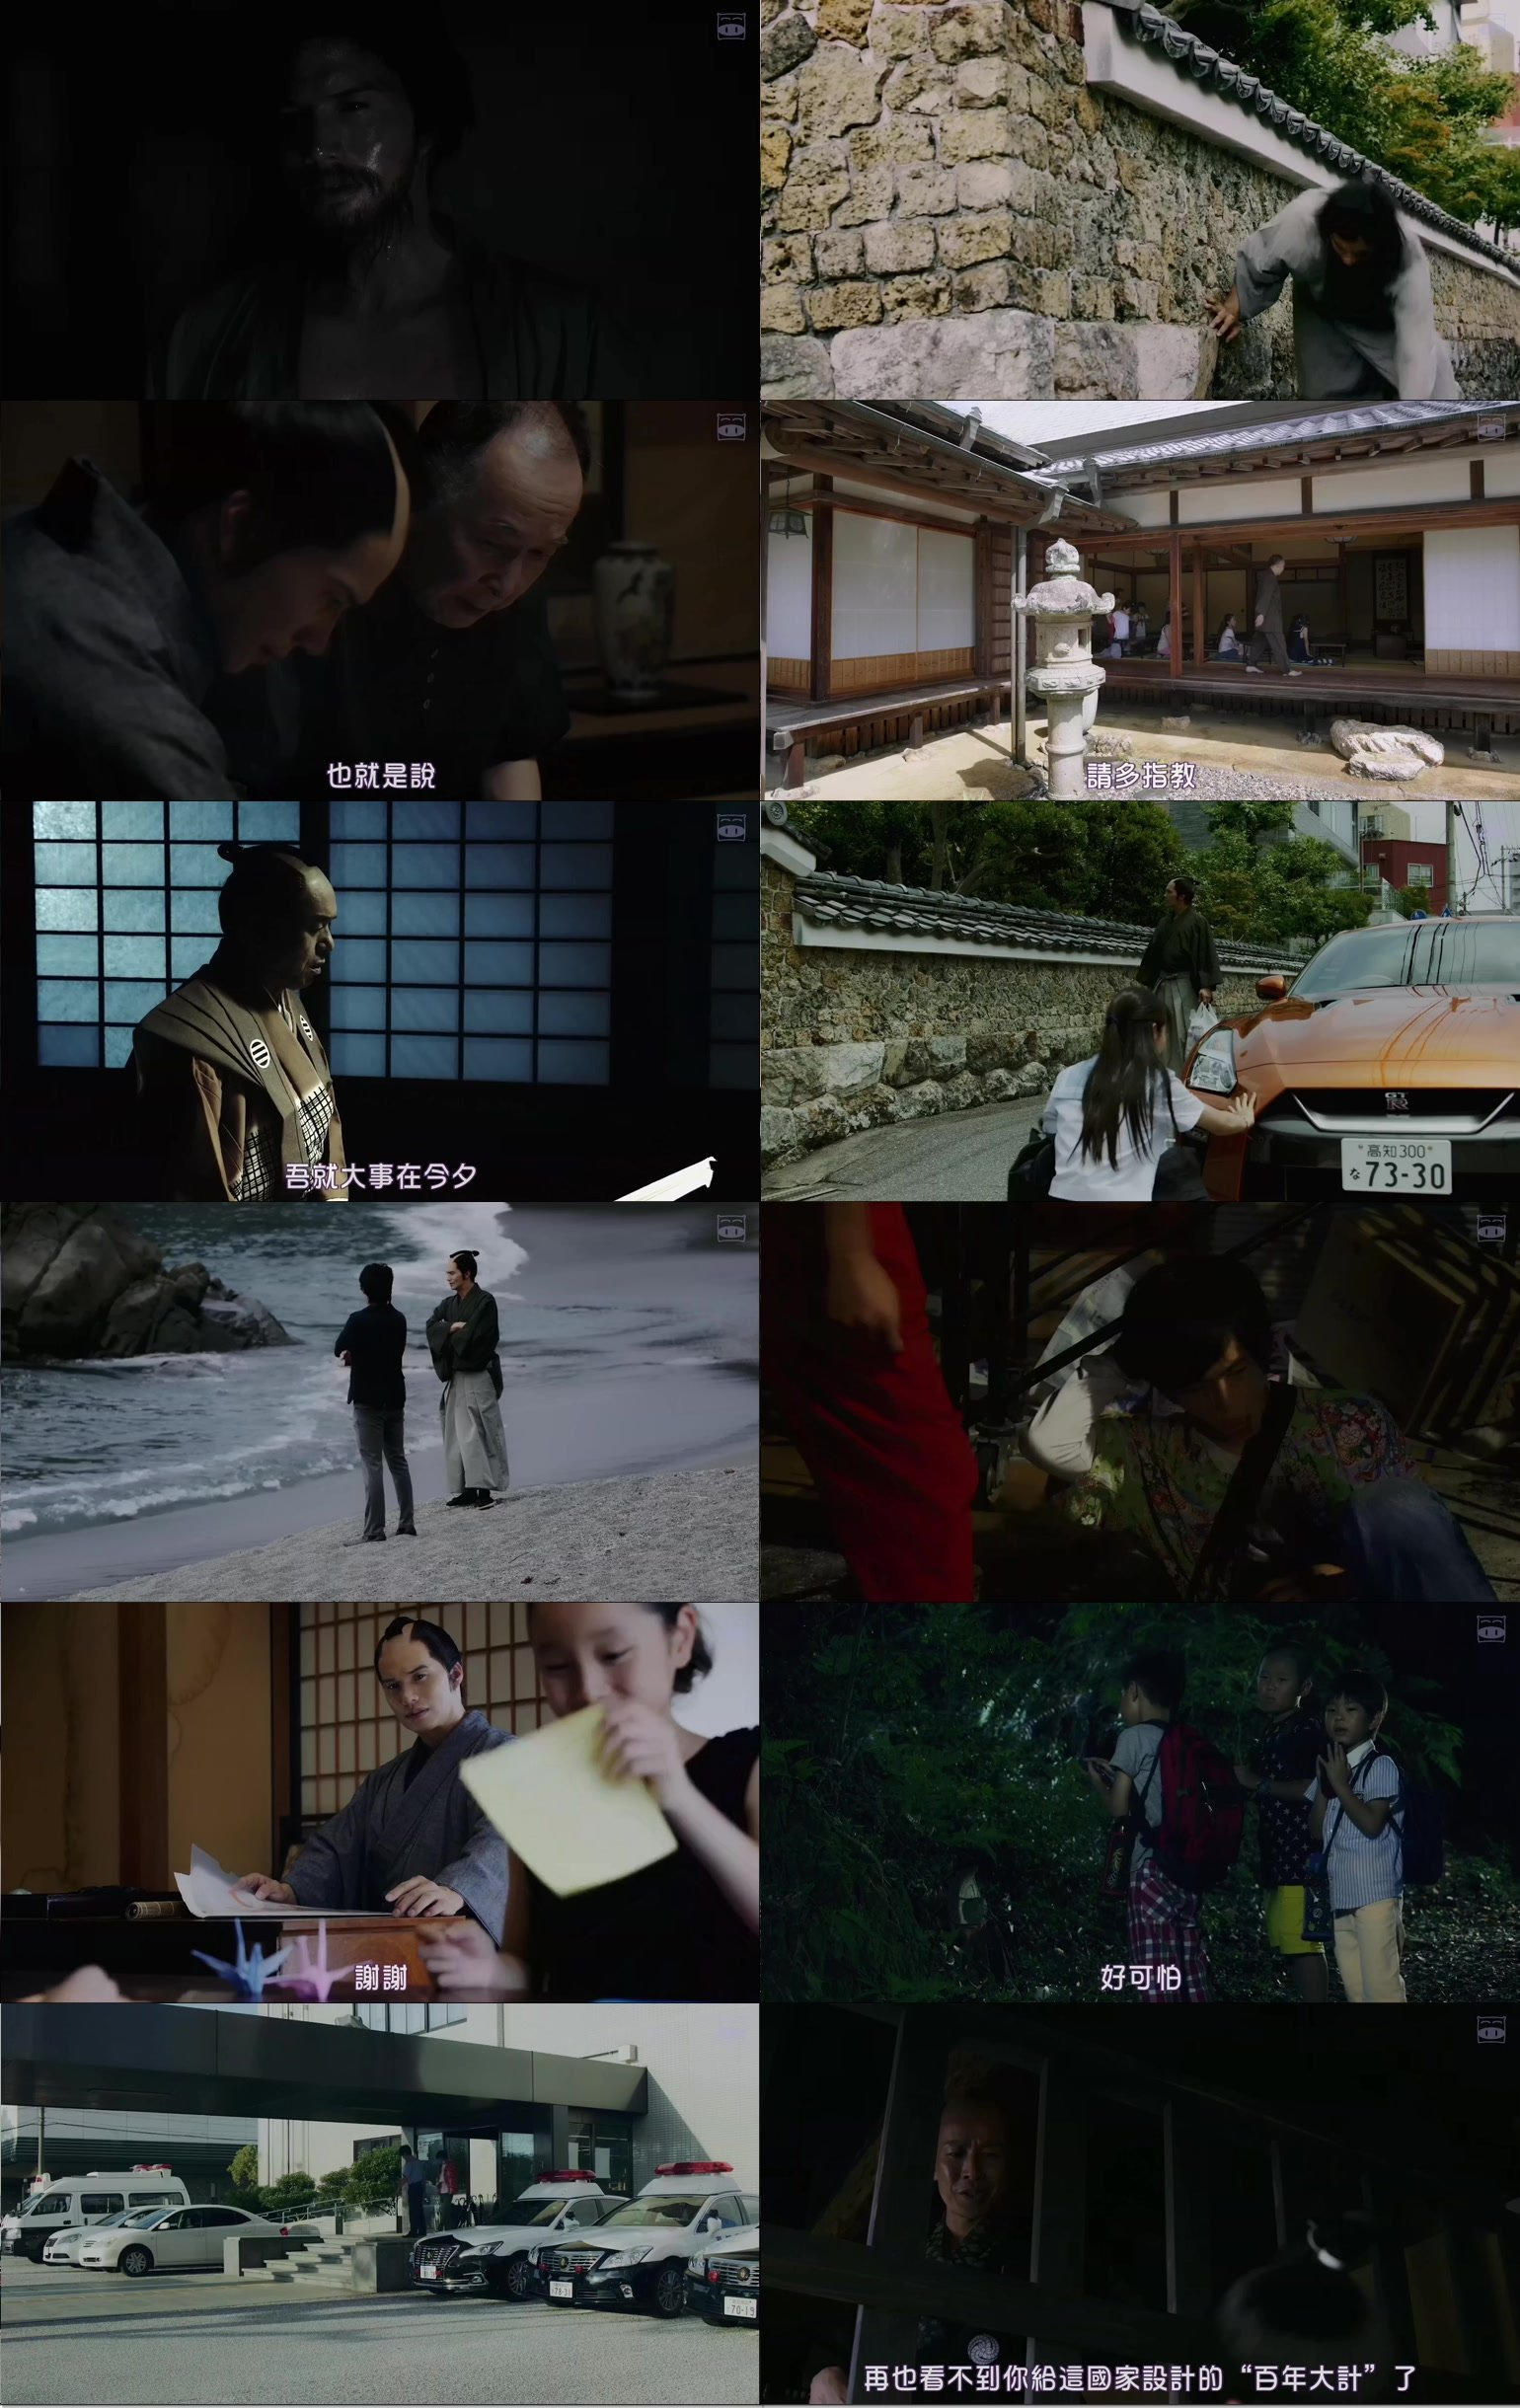 這邊是[日] 武士老師Samurai.Sense.2018.HD-720p[MKV@1.4G@多空@繁中]圖片的自定義alt信息;550365,733340,haokuku,69